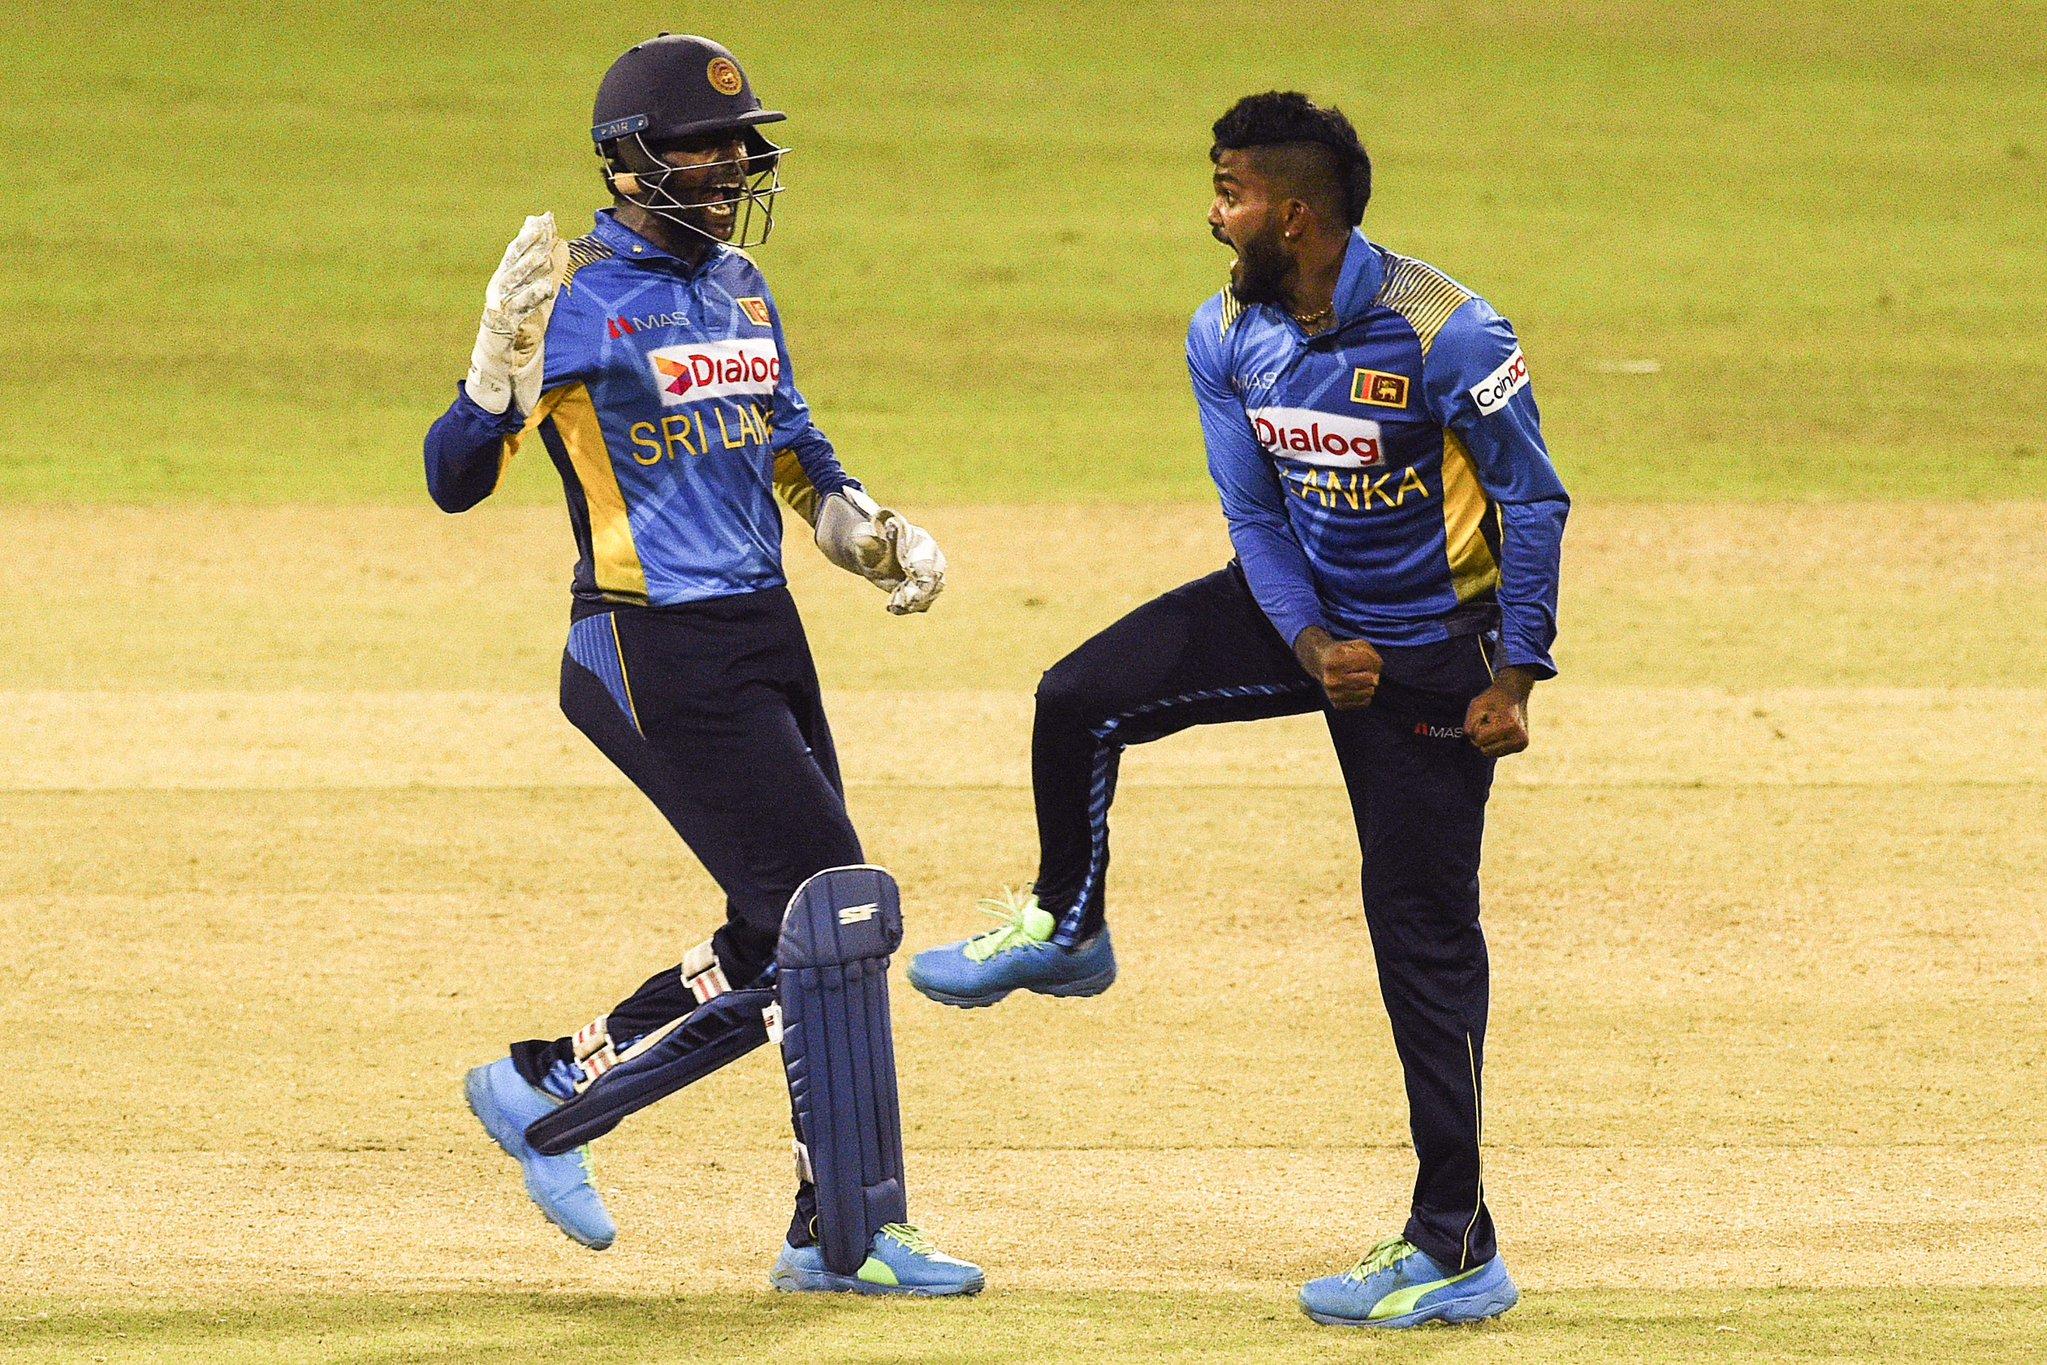 हसारंगा (दाएं) ने इस मैच में 3 विकेट लिए। वे श्रीलंका के सबसे सफल बॉलर रहे।